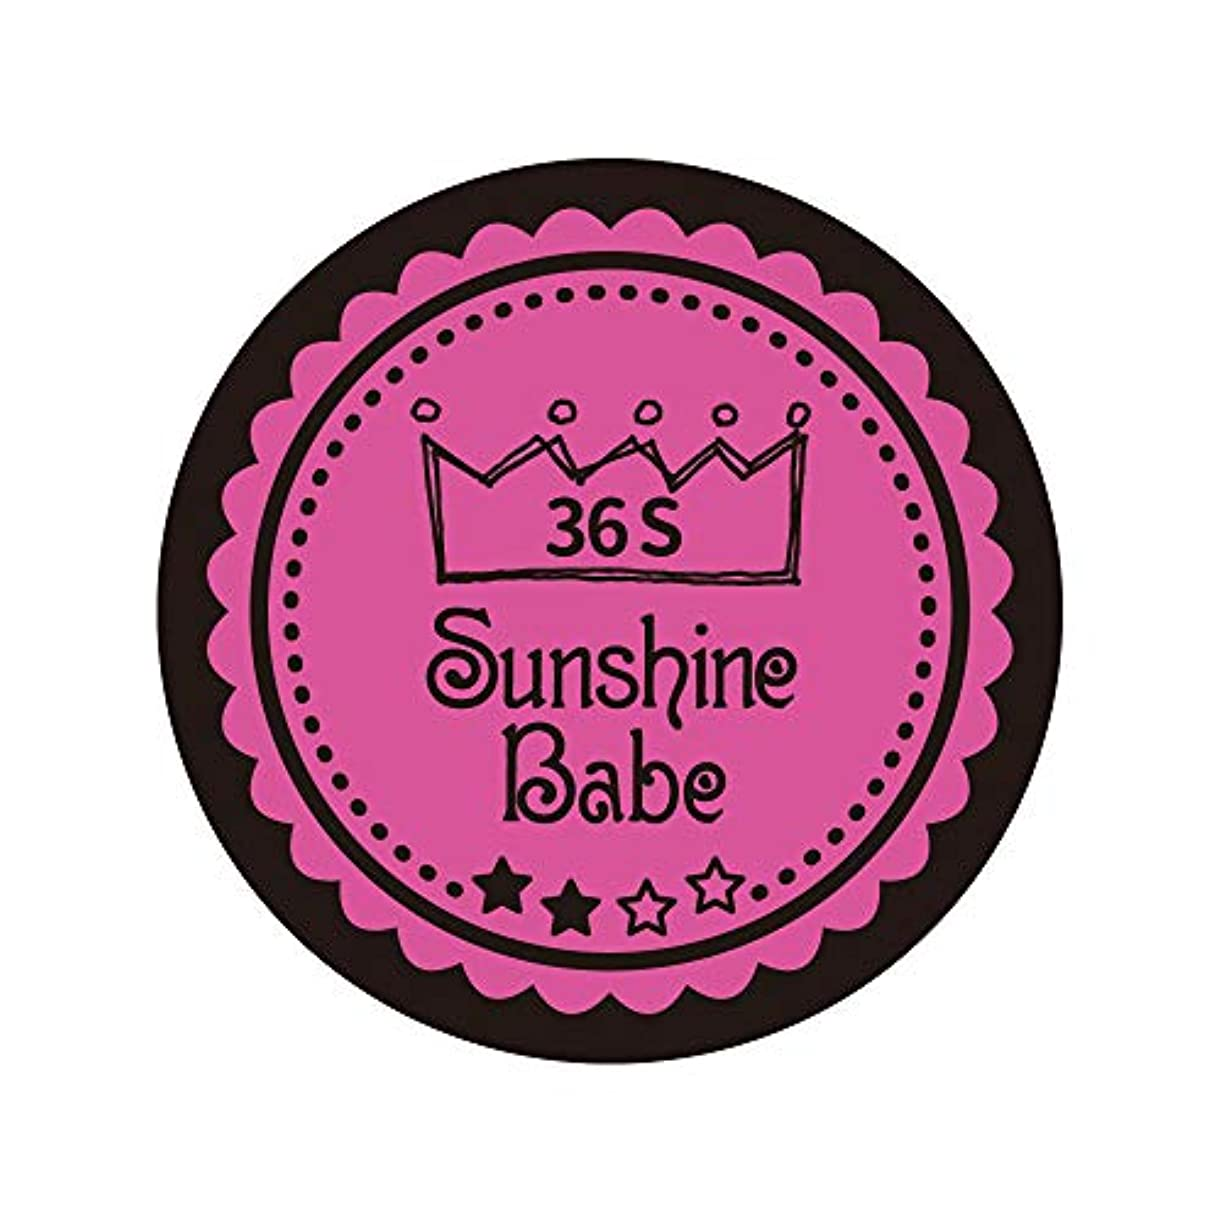 共和党パイロットキャンペーンSunshine Babe カラージェル 36S クロッカスピンク 4g UV/LED対応